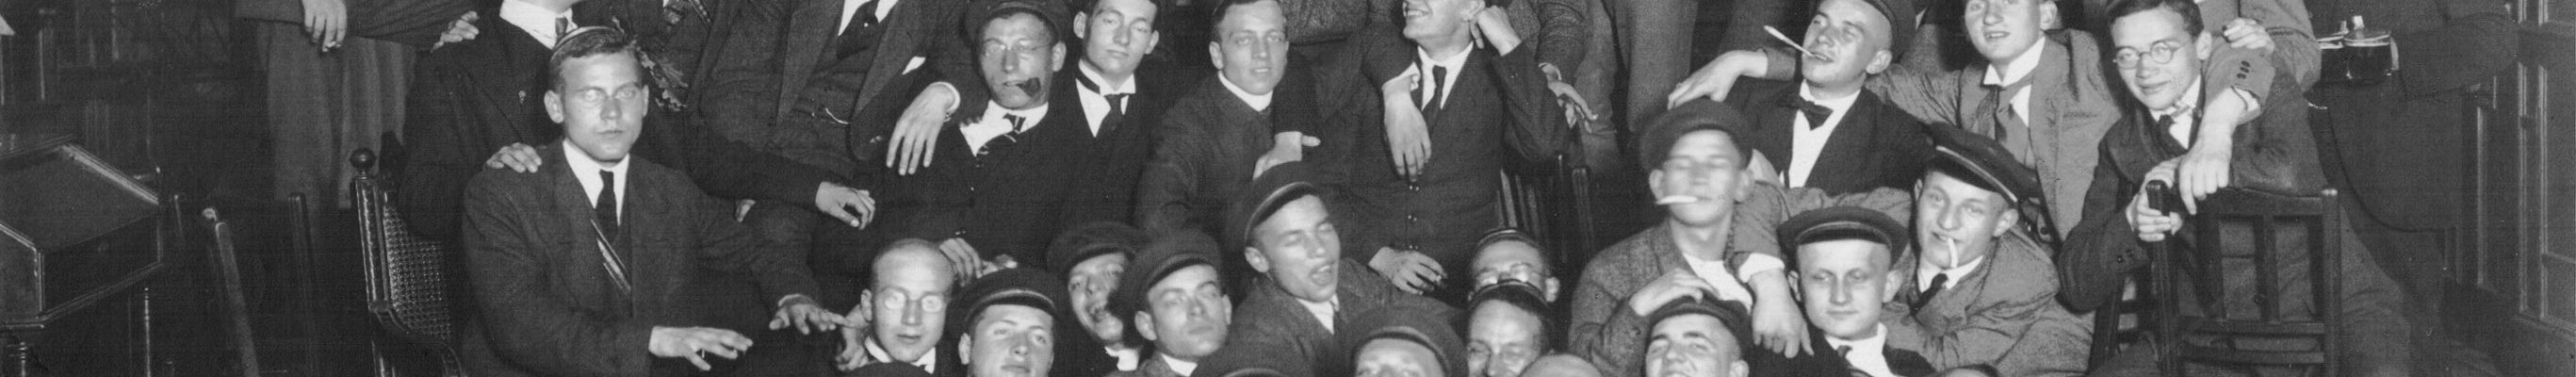 1922-Waldkneipe-auf-dem-Haus